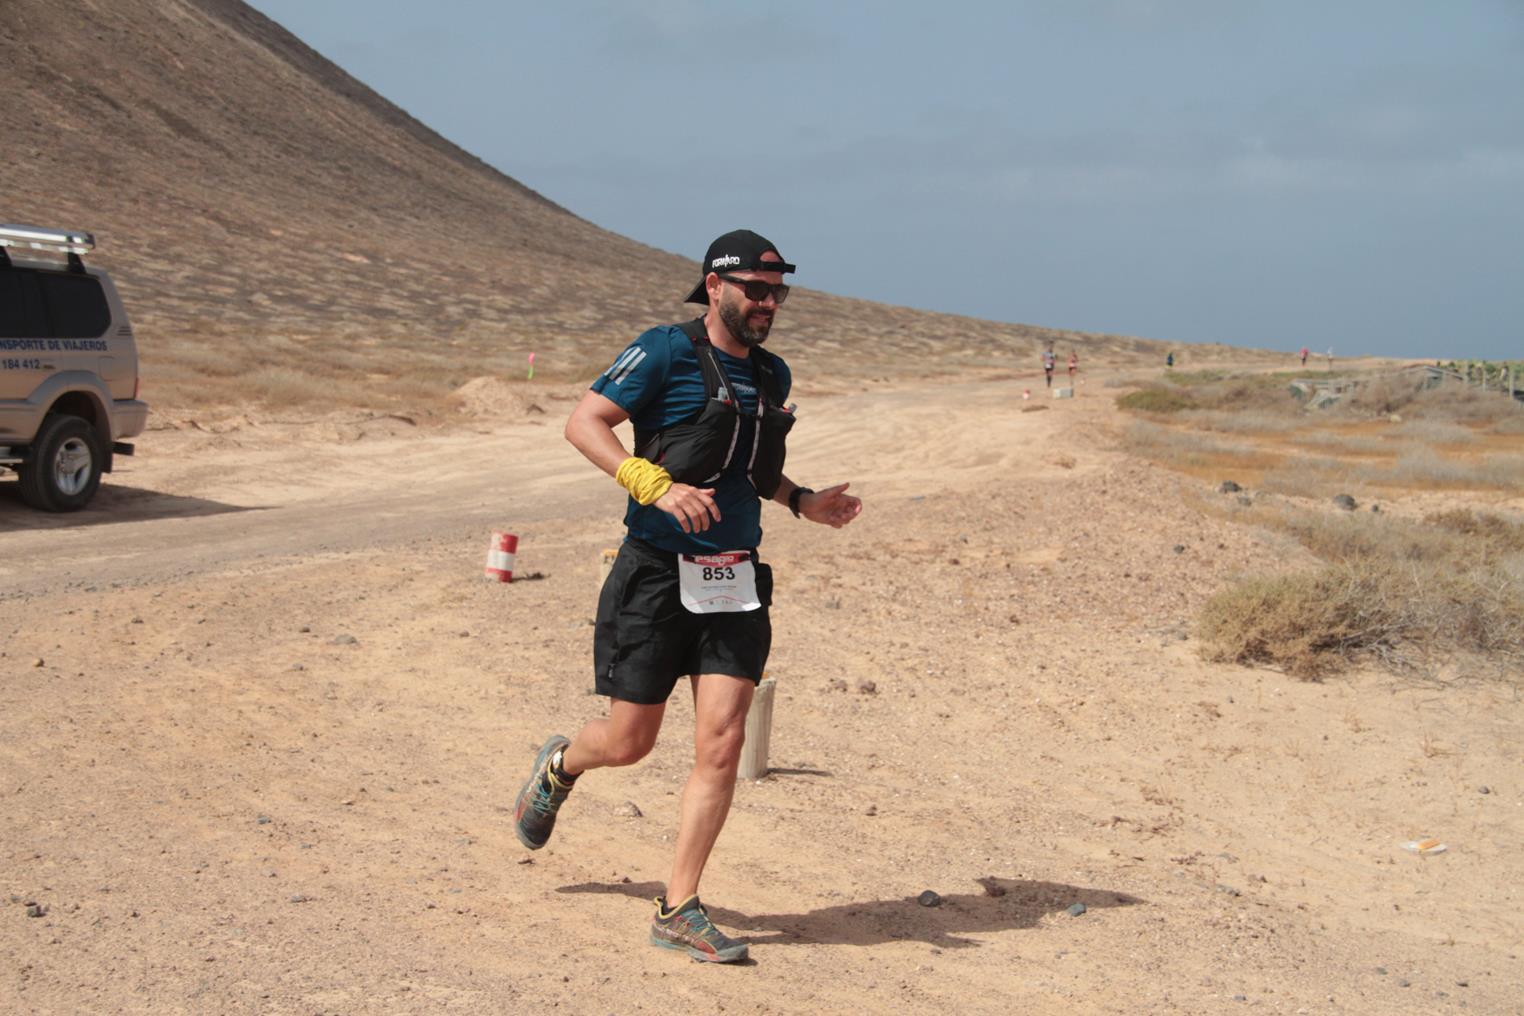 Desafio-Trail-526